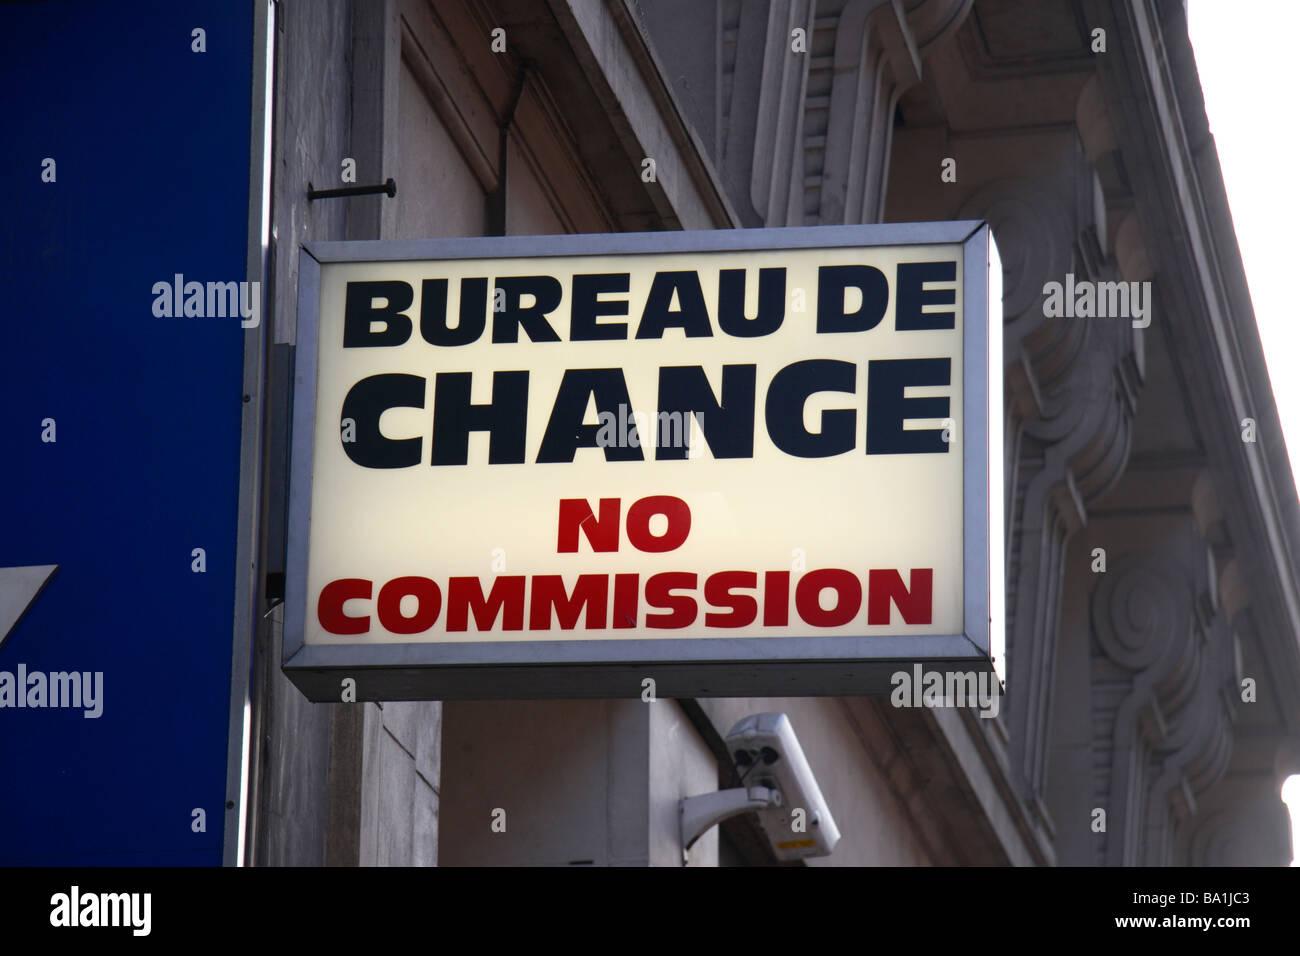 a generic bureau de change no commission sign above a shop on oxford street london